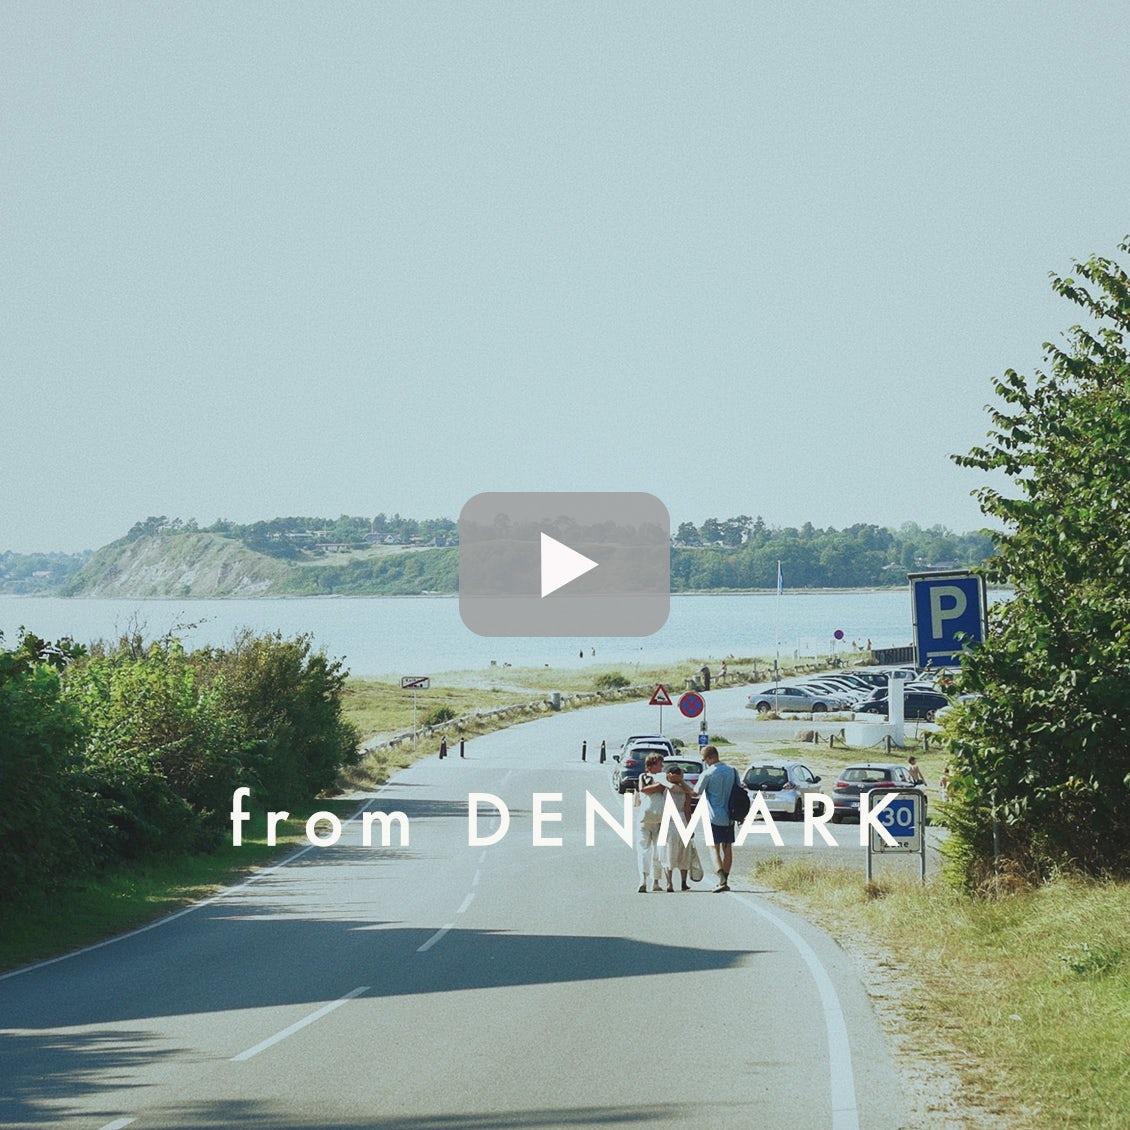 【北欧に暮らすひと】第3弾 後編:気持ちがいいほうに流されてみる。北欧の夏の過ごし方。